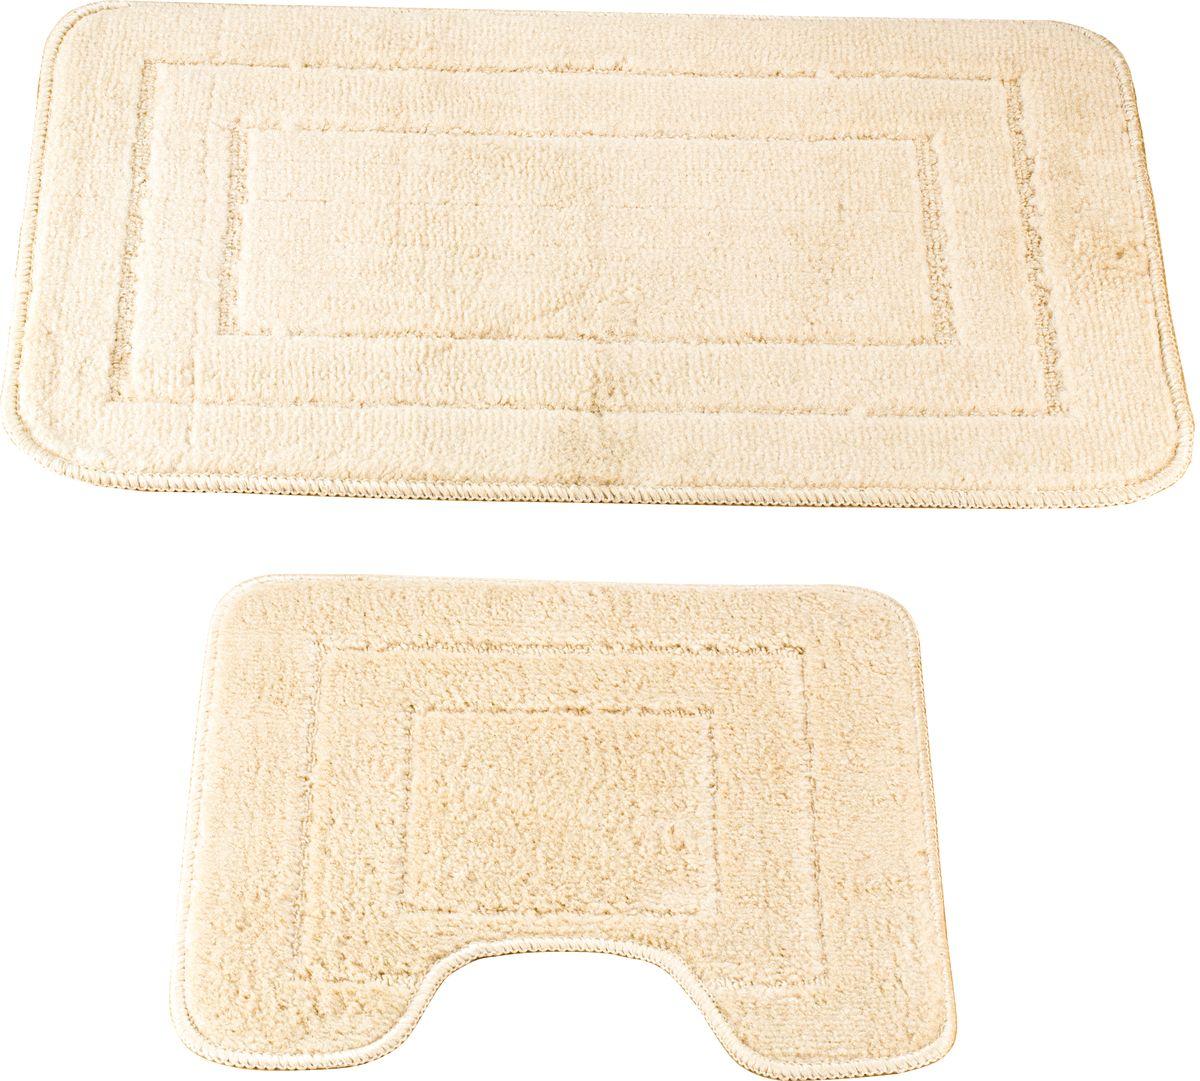 Набор ковриков для ванной Swensa Como, цвет: бежевый, 45 х 70 см, 45 х 45 см, 2 шт631/CHAR002Набор ковриков для ванной Swensa Como — аксессуар для ванной комнаты, сочетающий отличные эксплуатационные характеристики с привлекательной расцветкой. Изделие выполнено из гипоаллергенного и износостойкого полипропиленового волокна. Рельефный ворс различной длины обеспечивает приятные тактильные ощущения и легкий массажный эффект. Края обработаны оверлоком, что предохраняет коврик от разлохмачивания и деформации. Рекомендована деликатная машинная стирка.